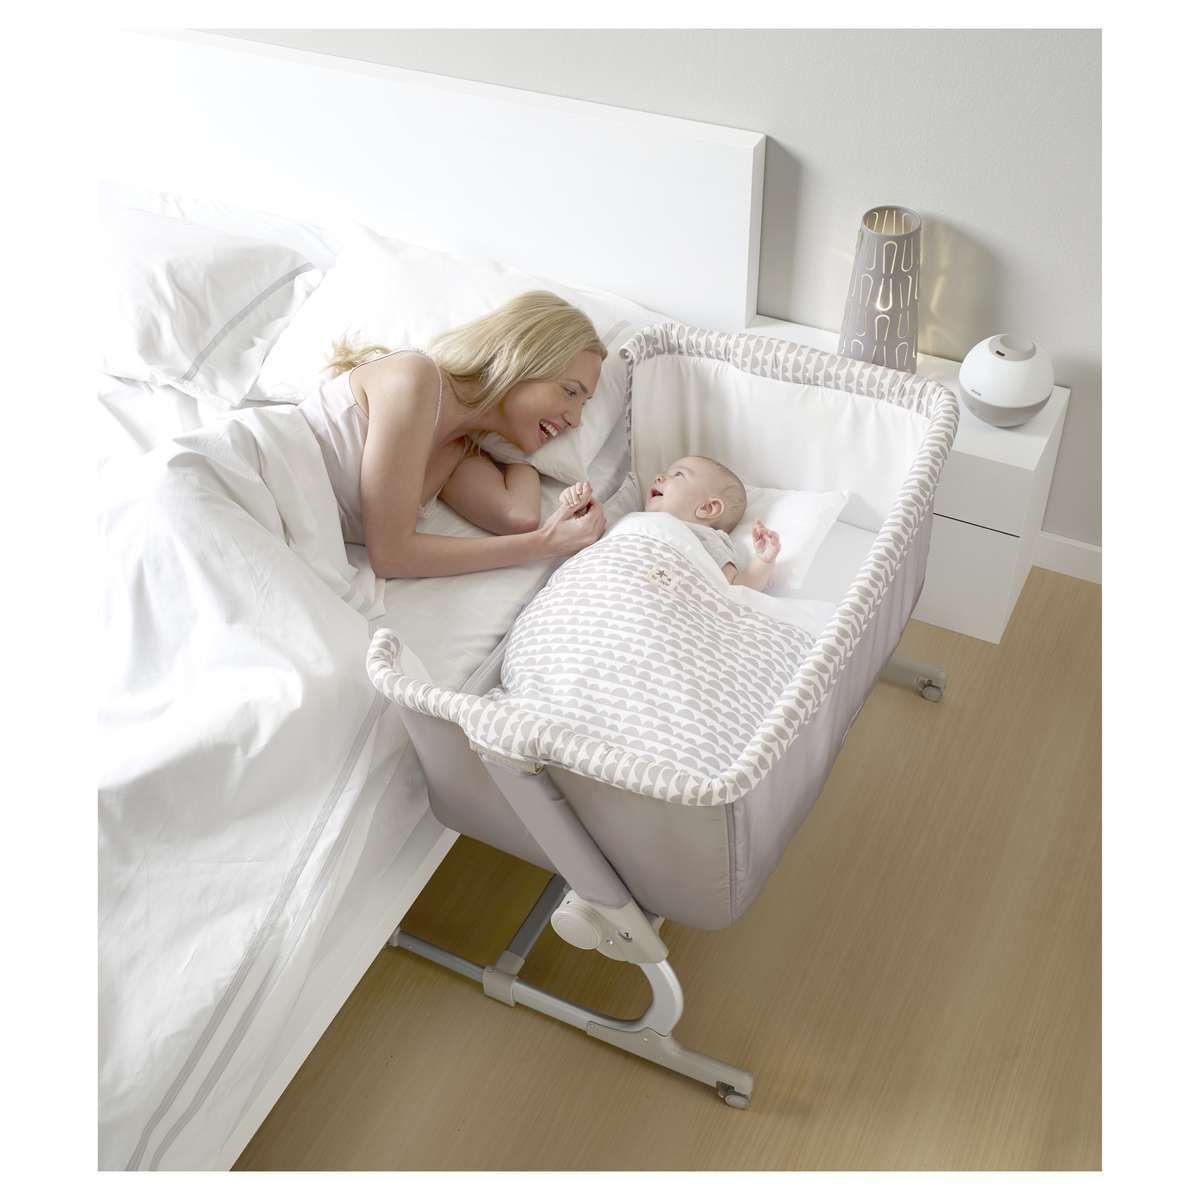 lit babyside jan marine etoiles liste de naissance pinterest lits parapluie toiles et. Black Bedroom Furniture Sets. Home Design Ideas